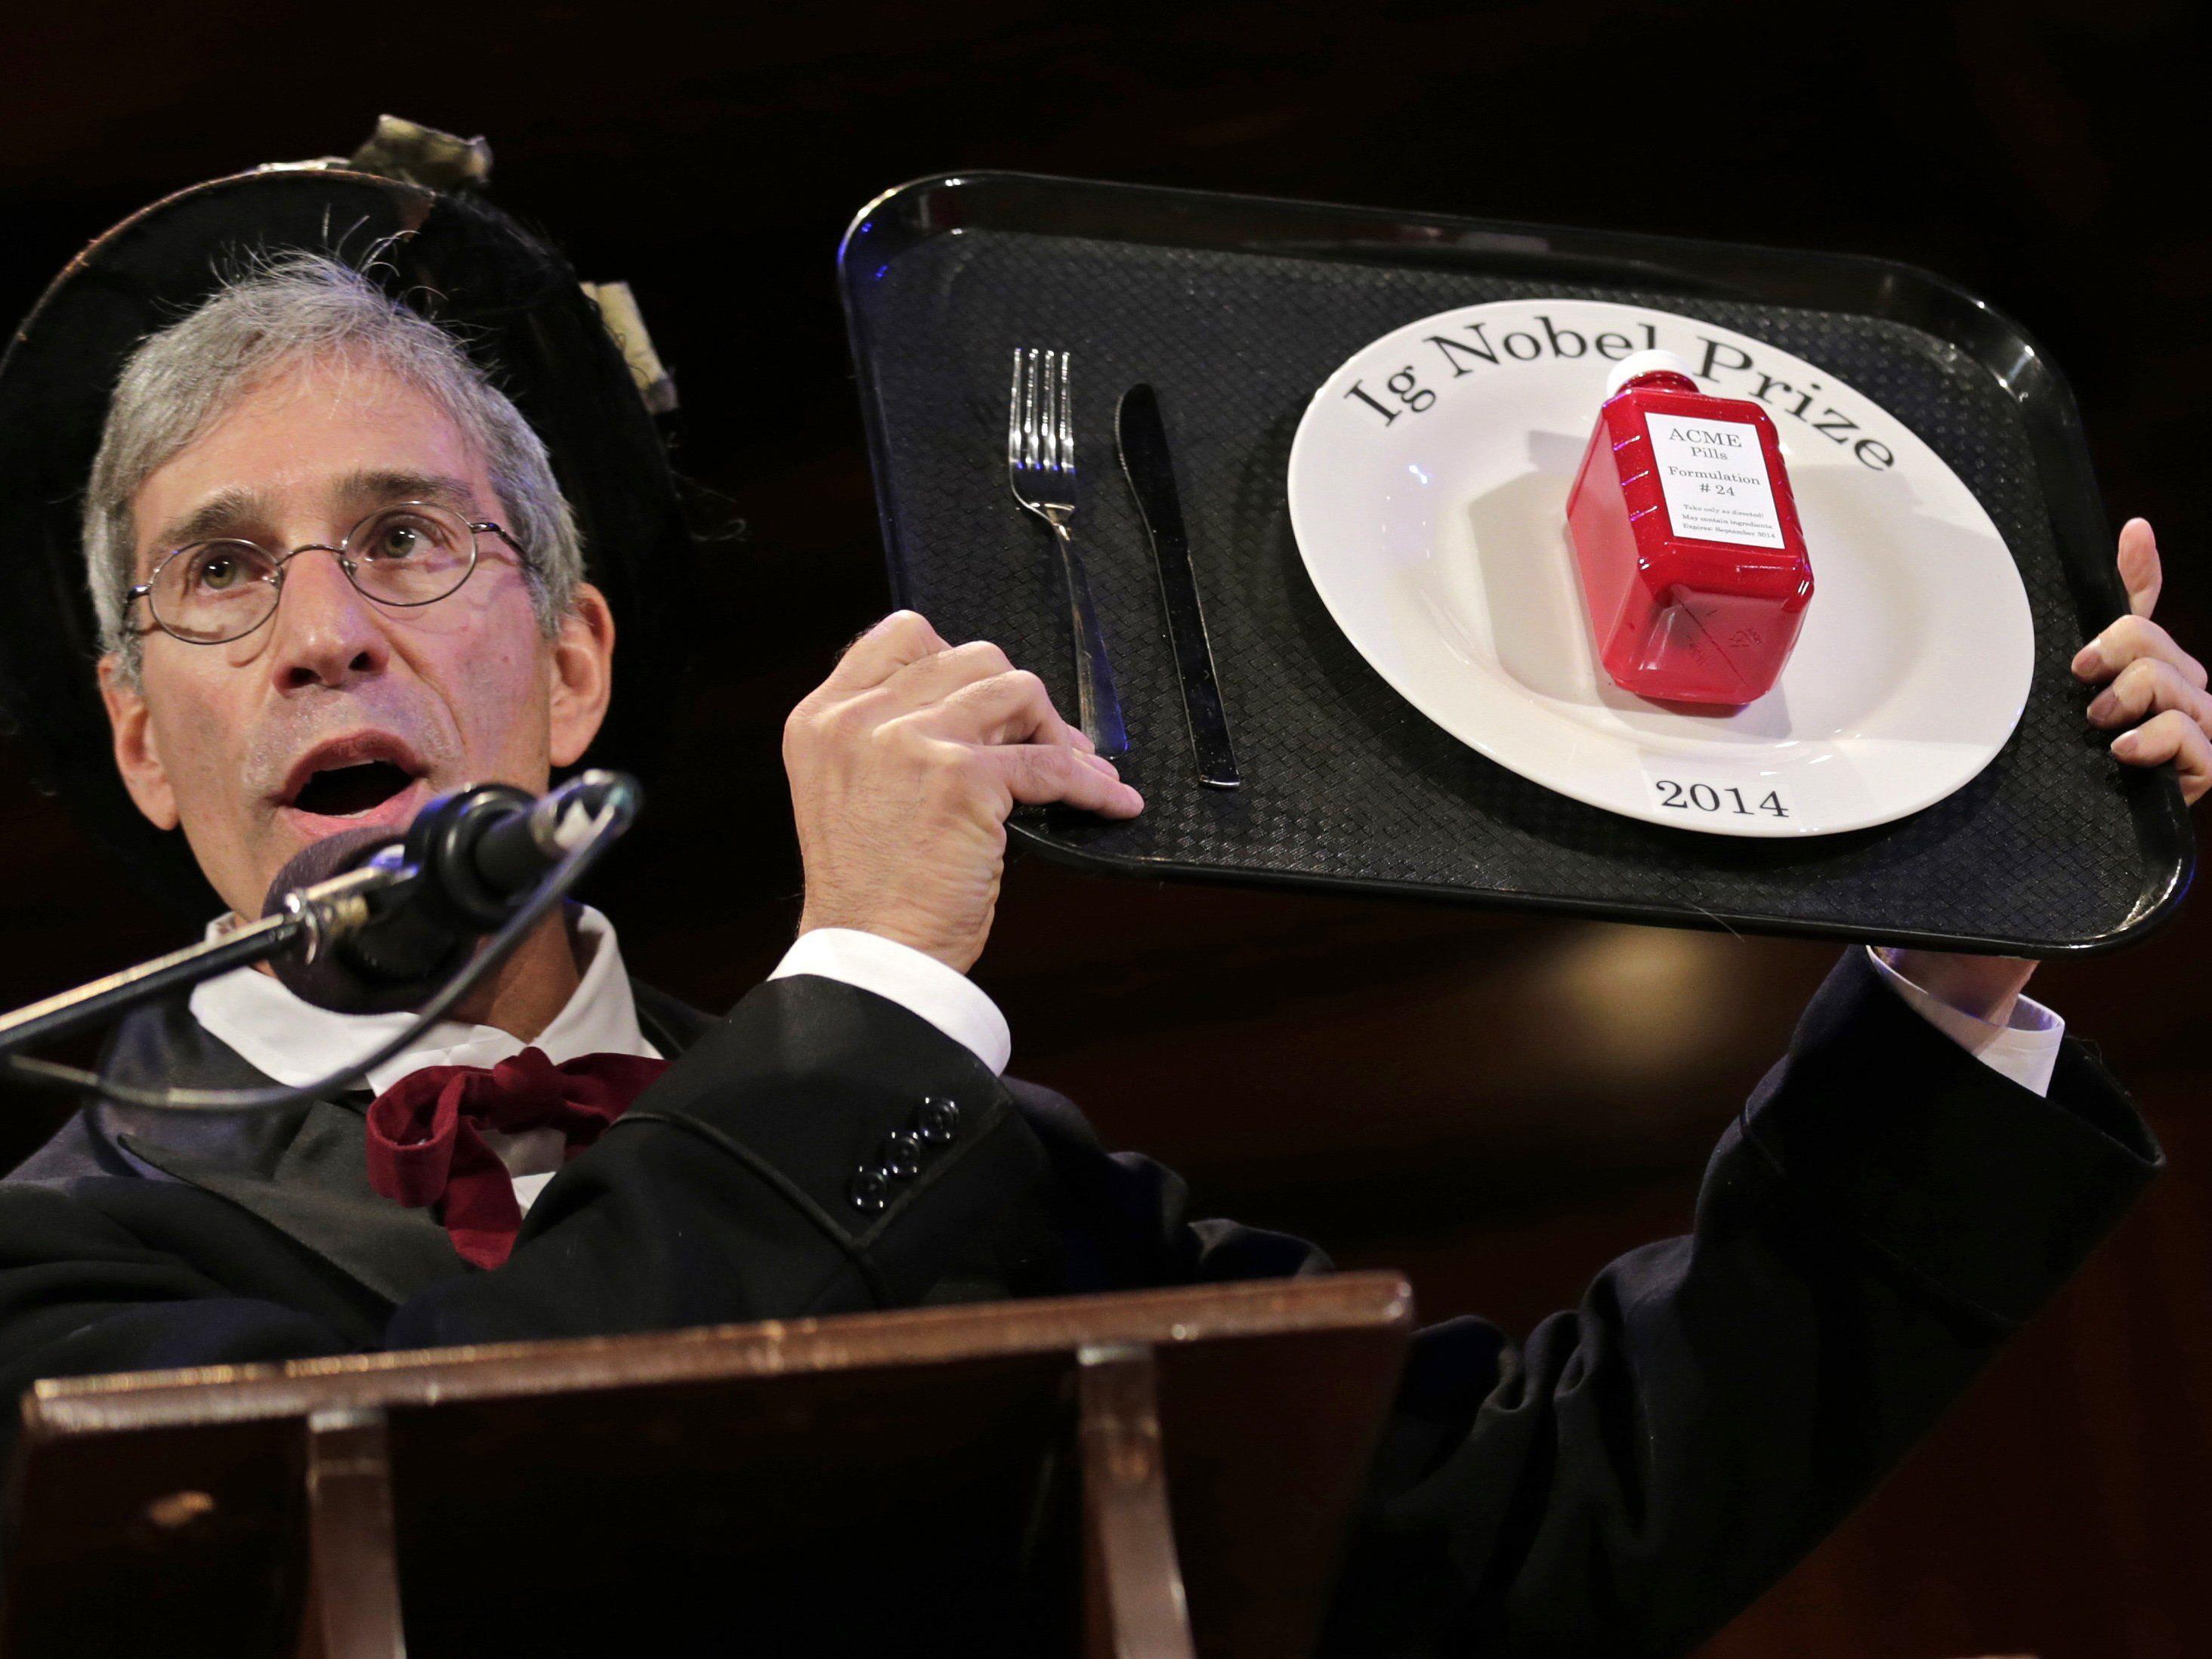 Ig-Nobelpreise 2014: Klamaukig-schrille Verleihung in Harvard. Im Bild: Marc Abrahams.